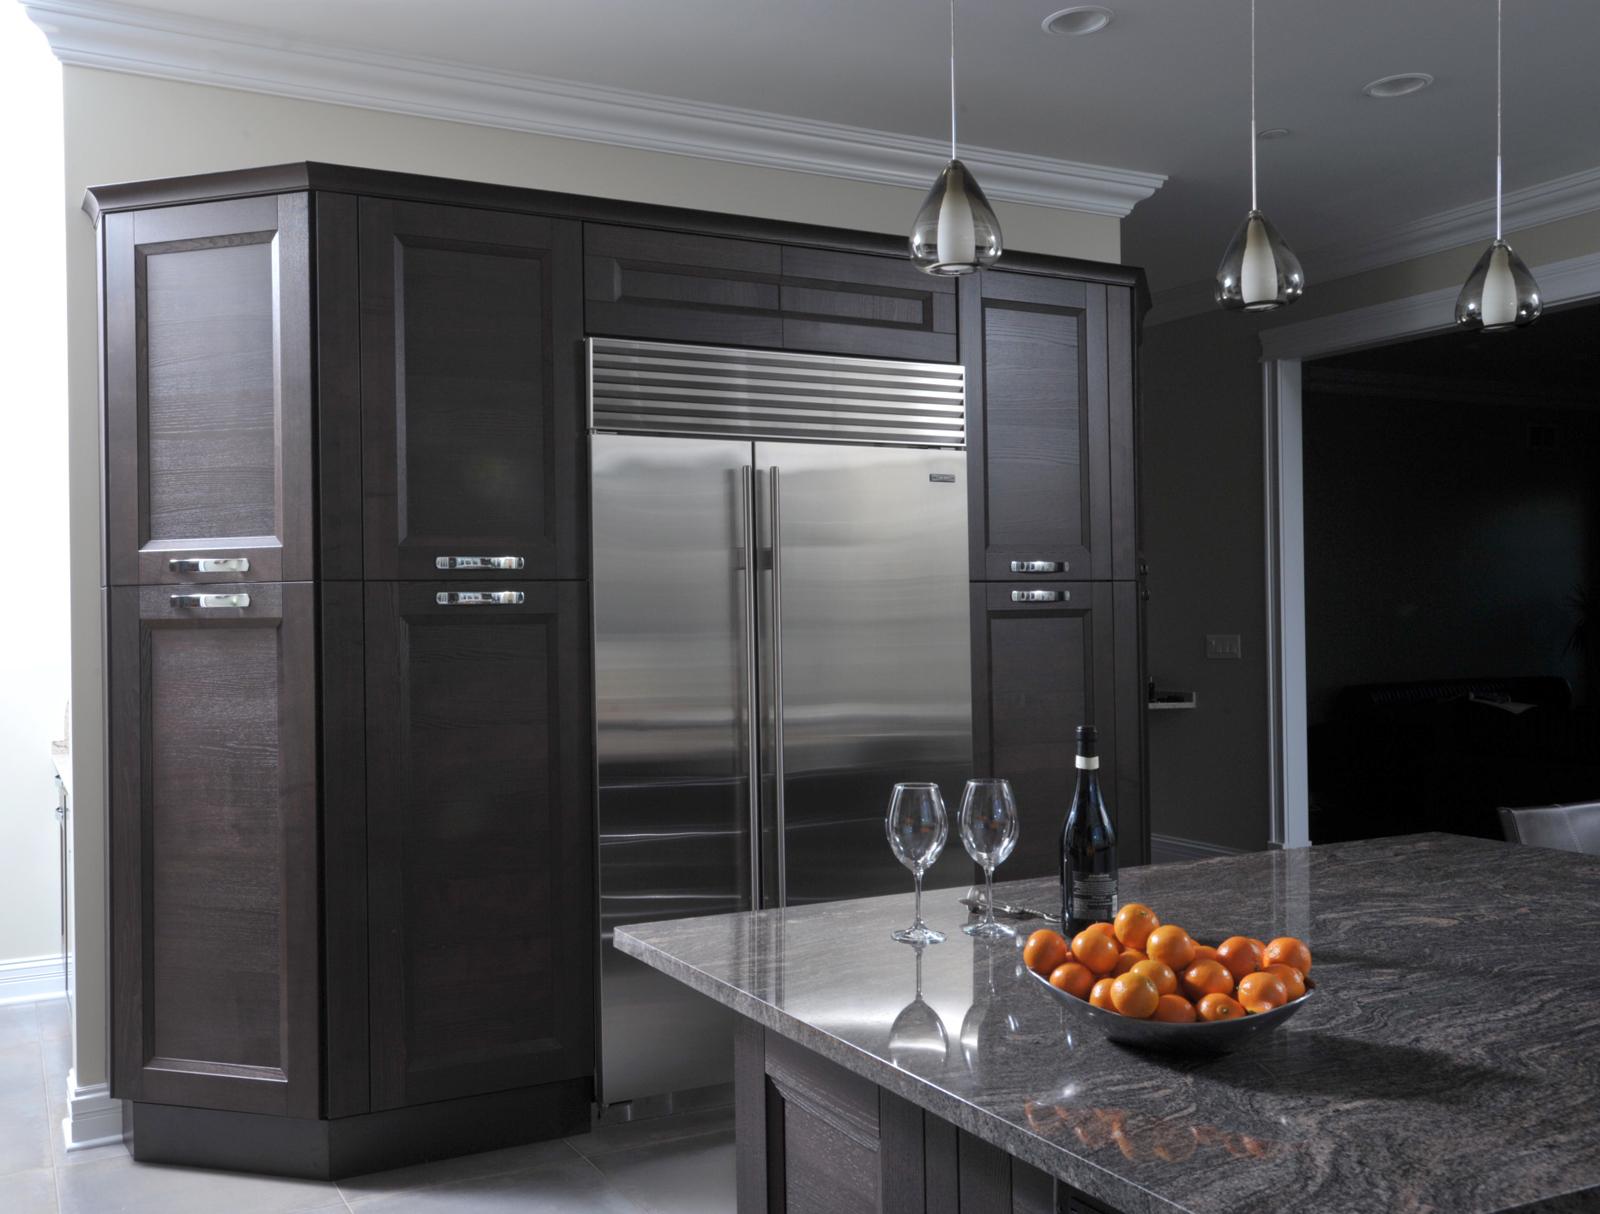 fridge section.jpg